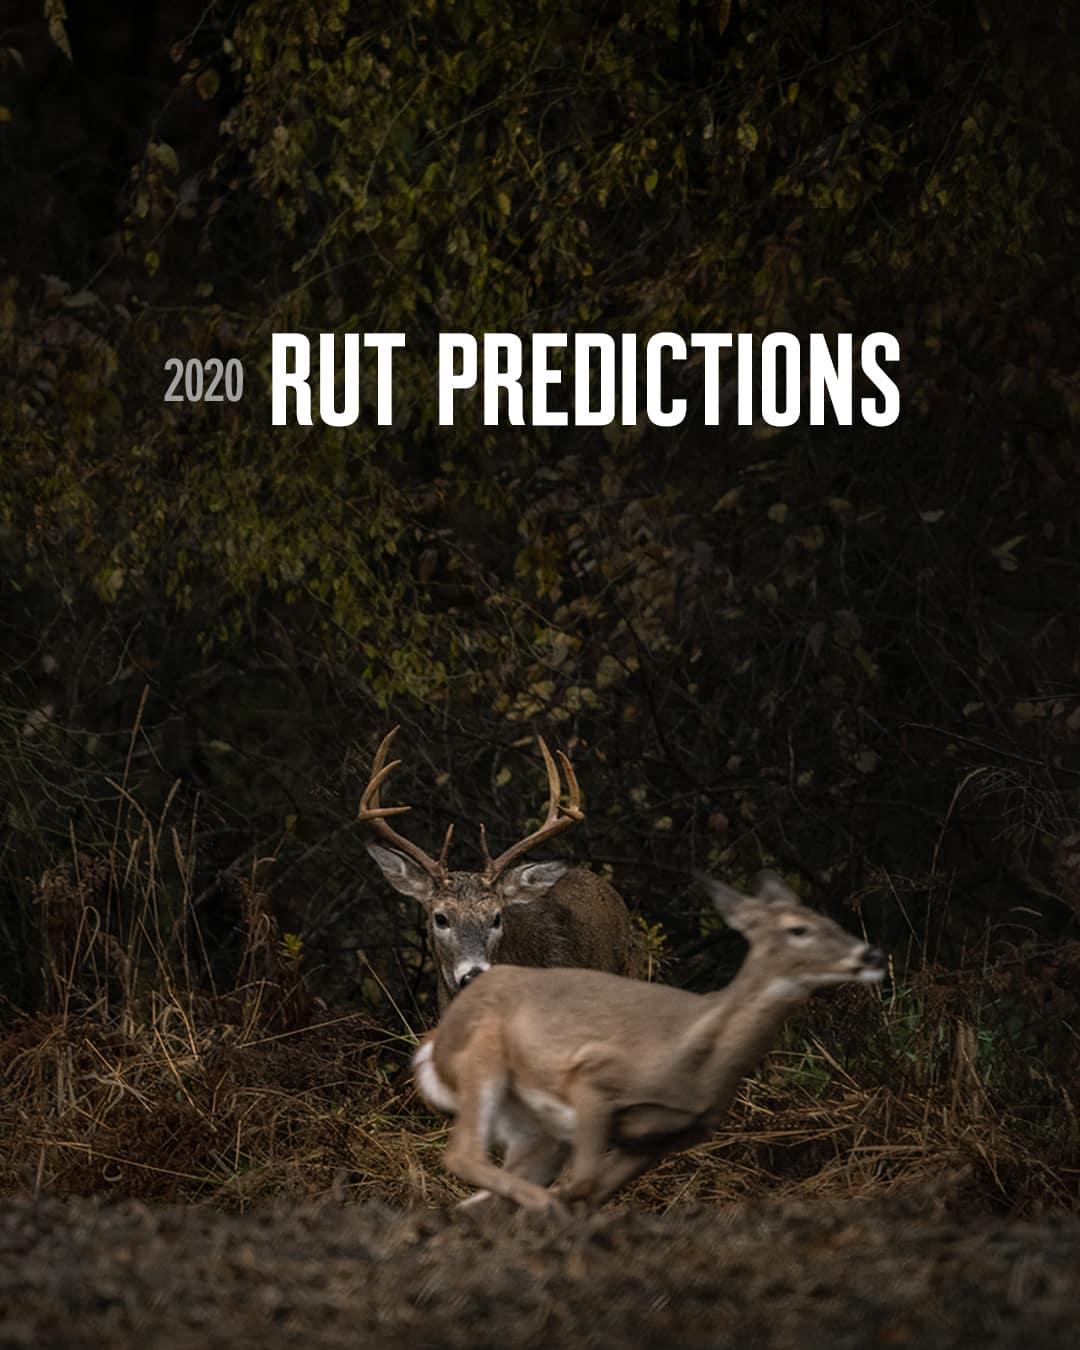 2020 Rut Predictions